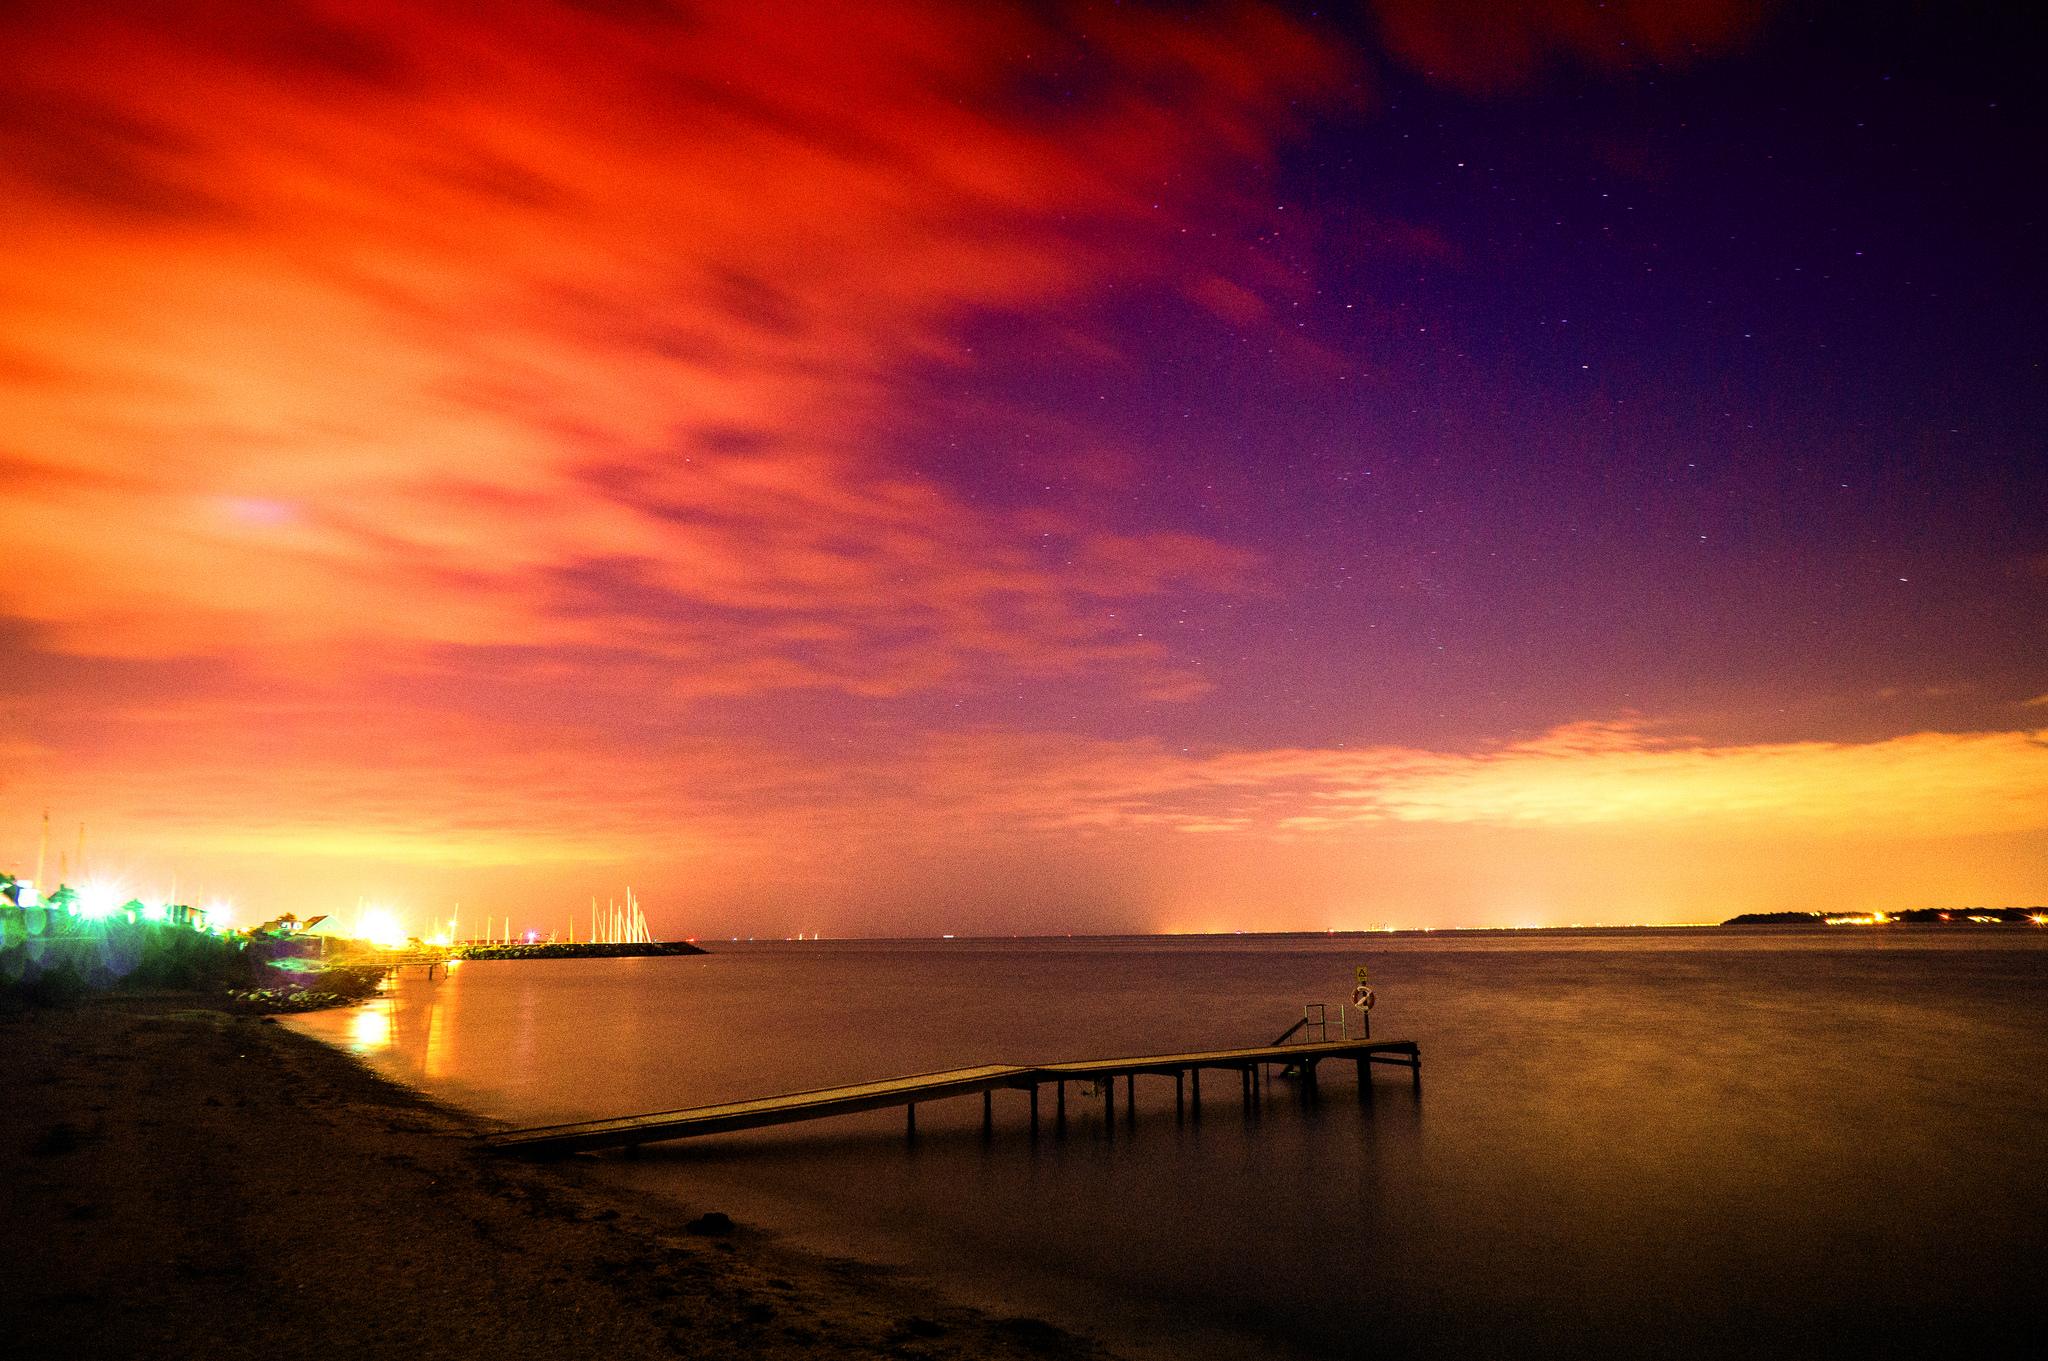 Cielo rojo - 2048x1361